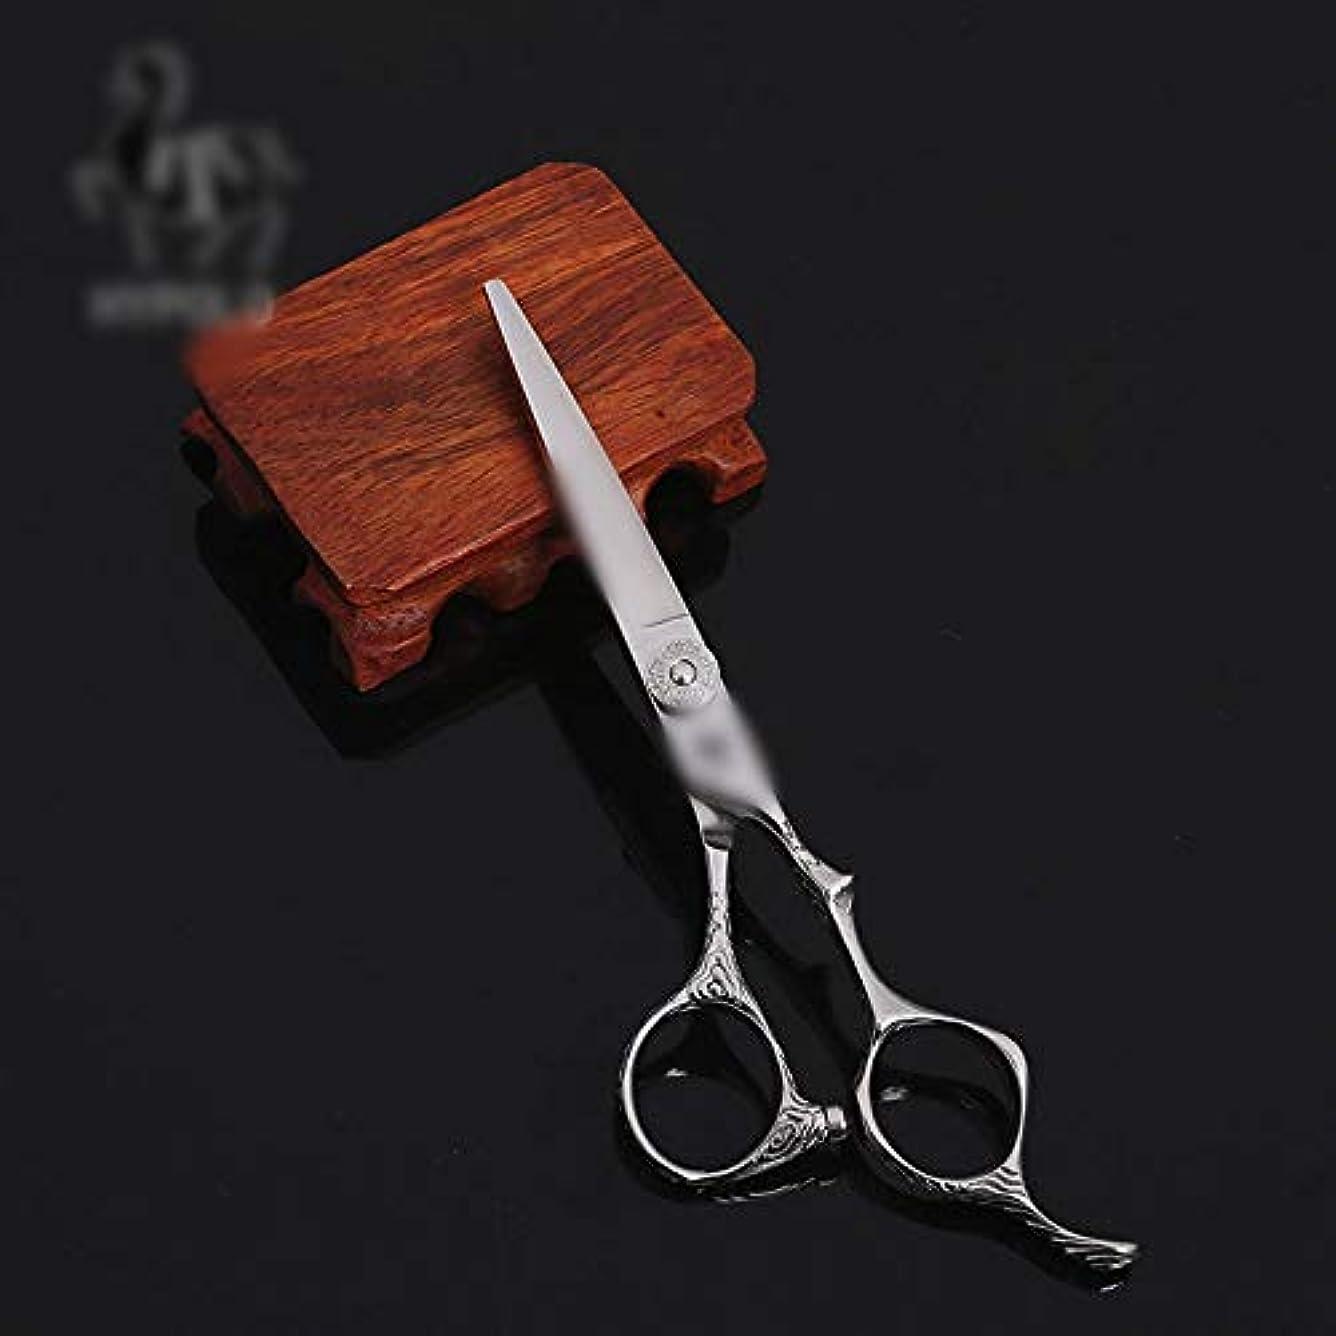 不振グリーンバックリネン6インチの美容院の専門の理髪はさみの平らなはさみ、ハイエンドの専門の理髪用具の平らなはさみ ヘアケア (色 : Silver)